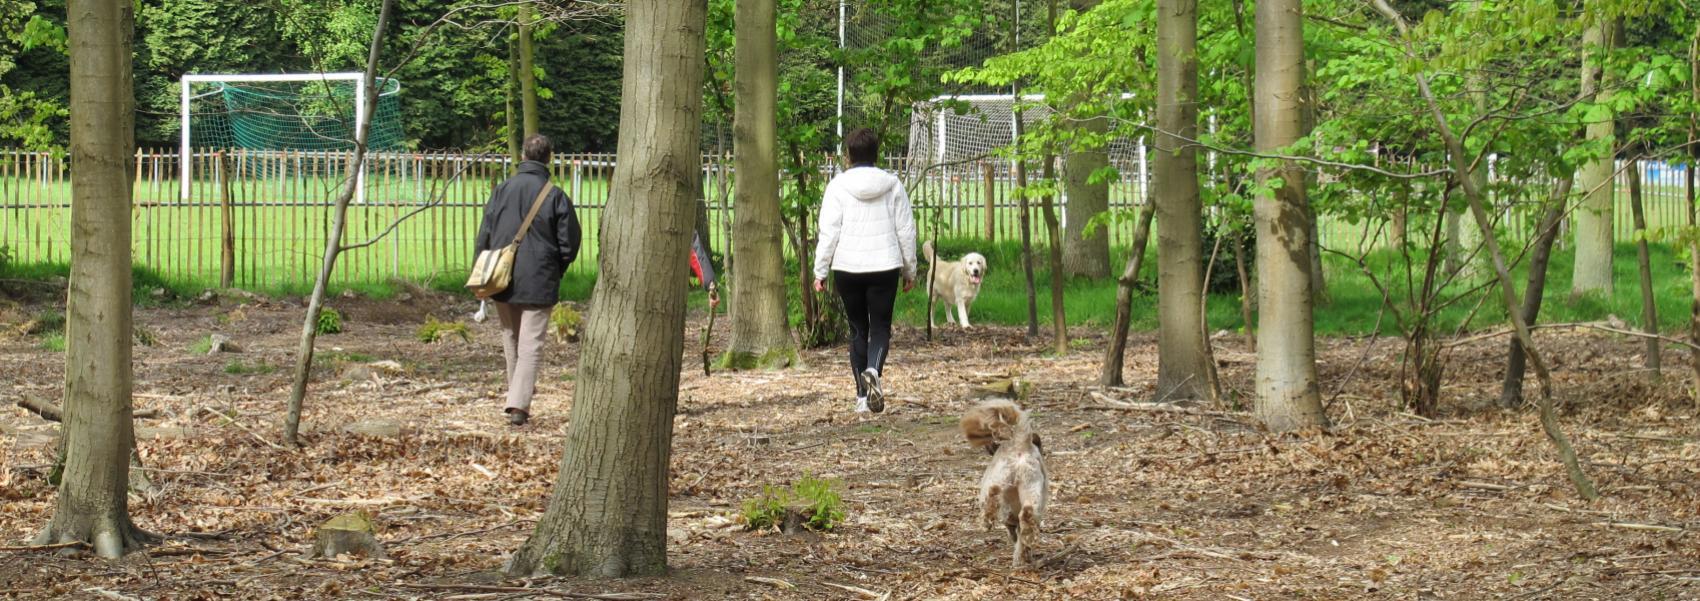 hondenzone in Peerdsbos